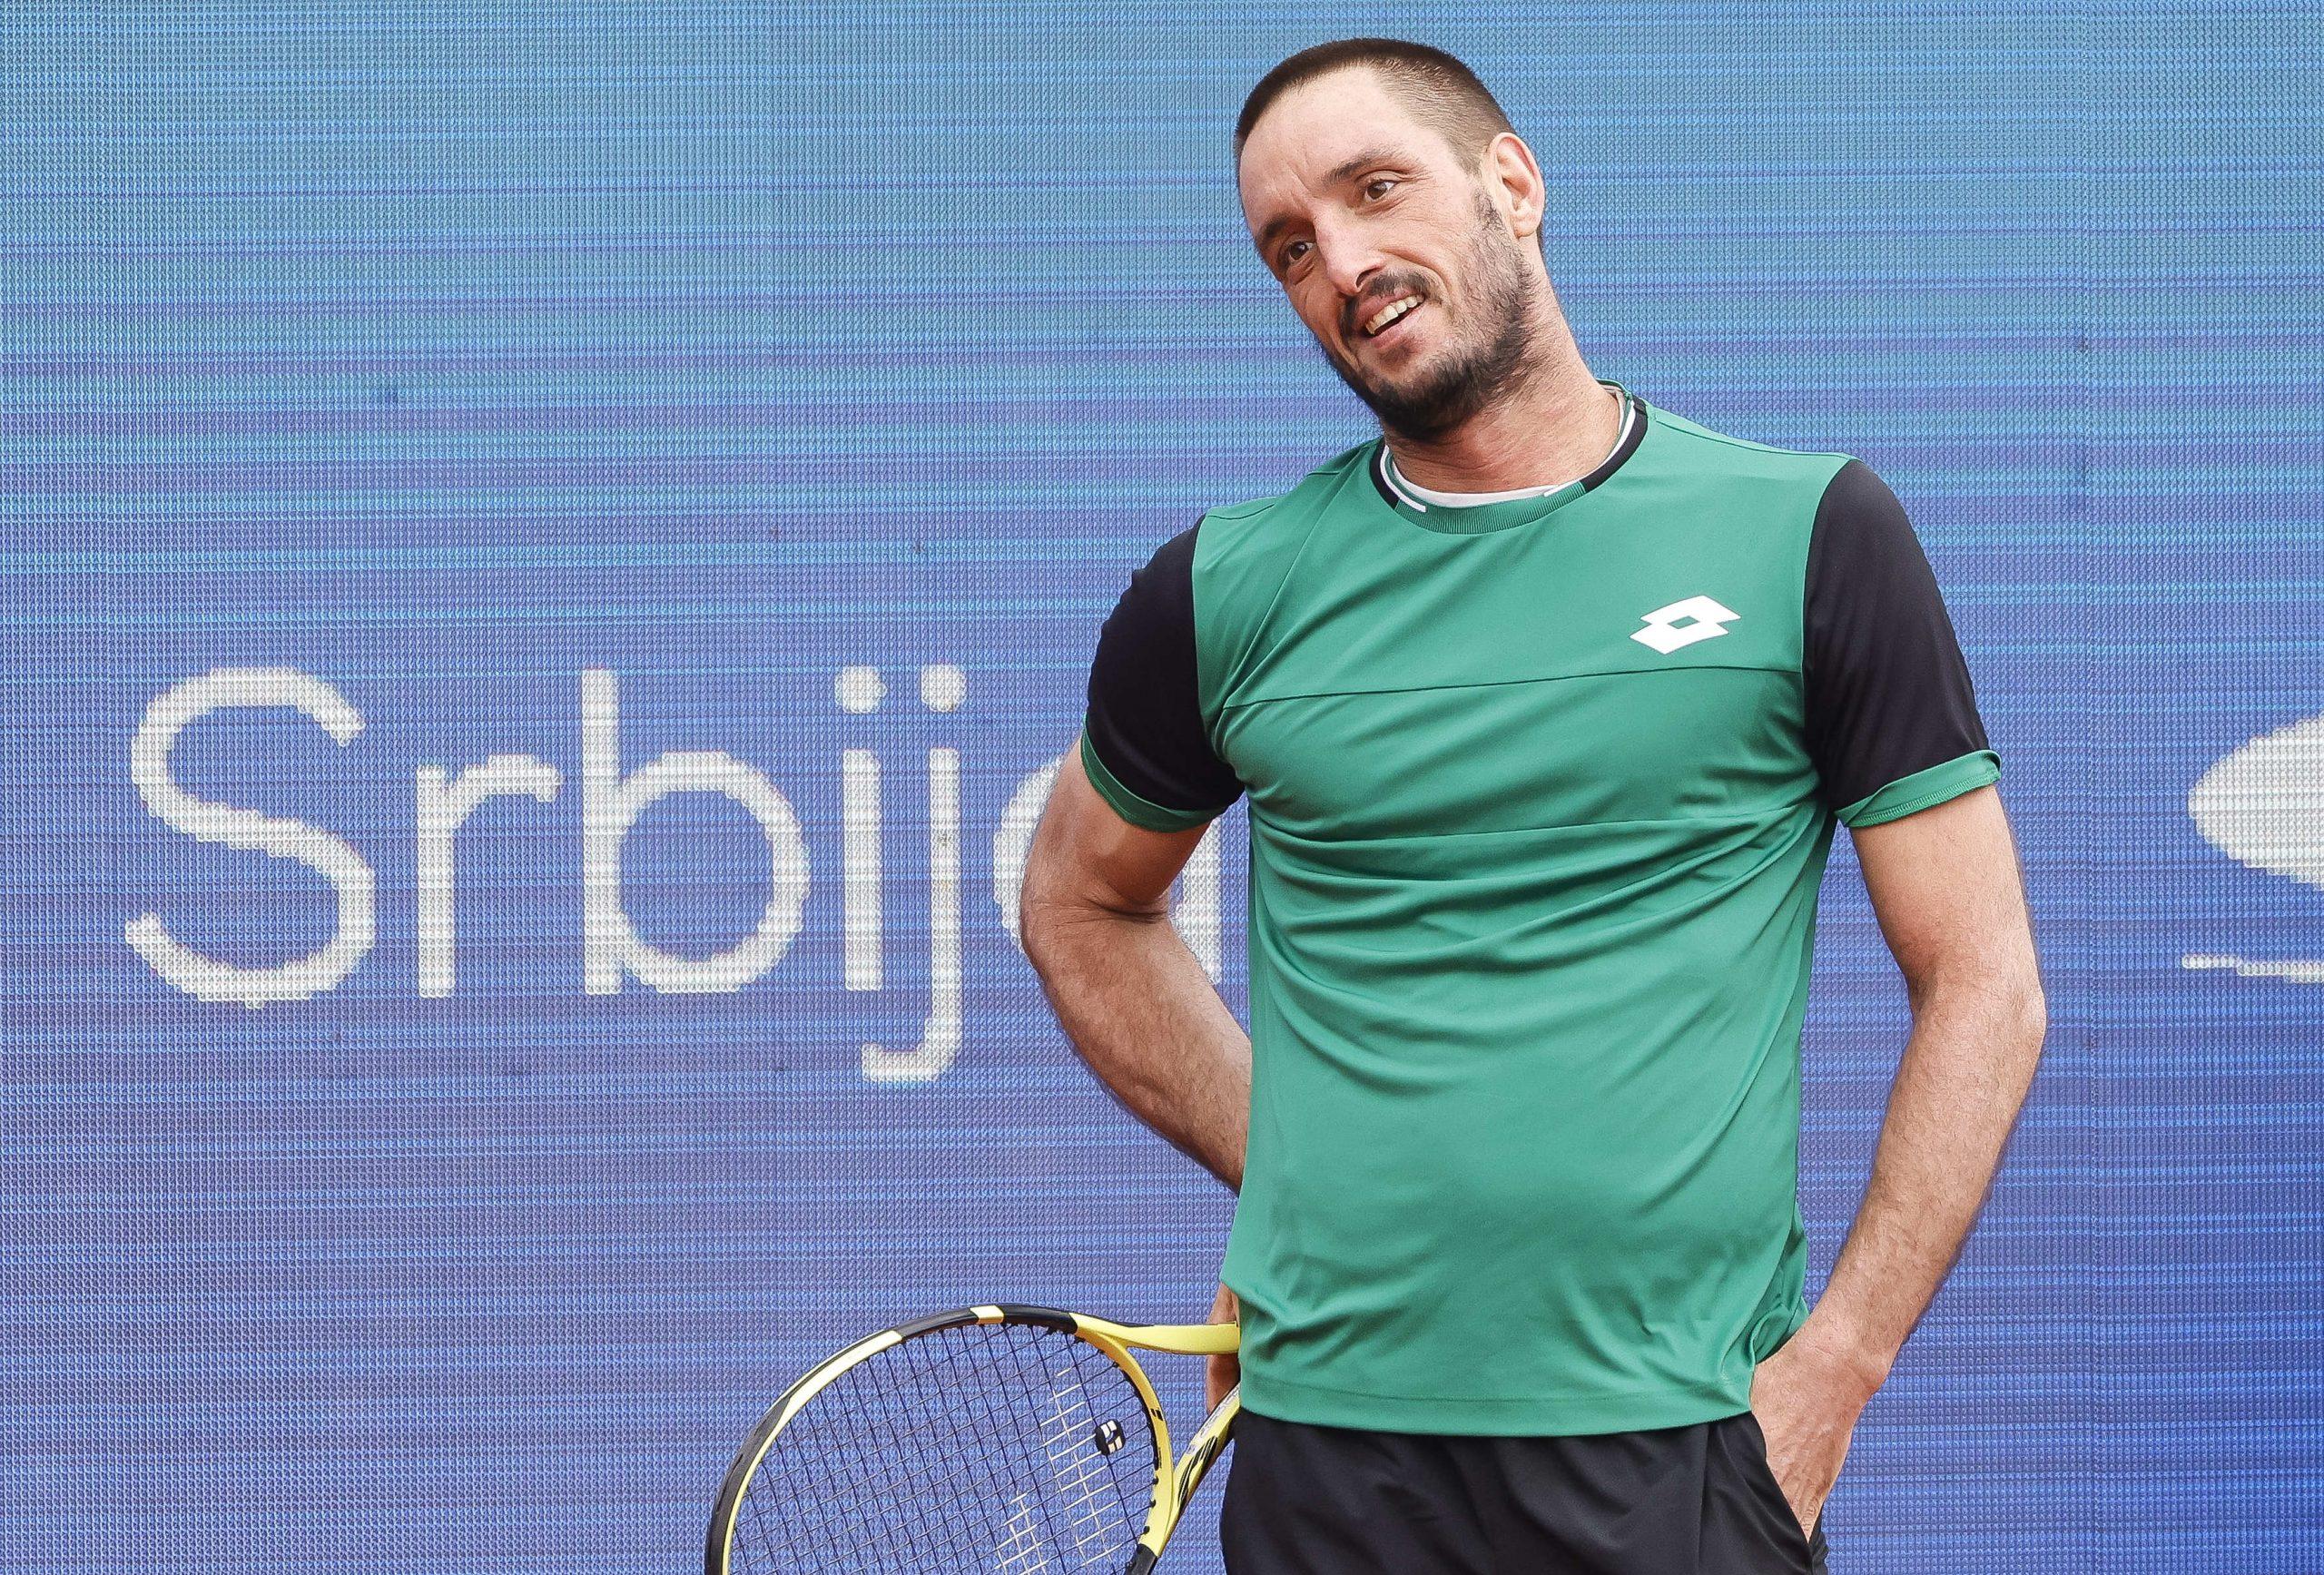 Viktor Troicki Serbia Open 2021 razočaran neverica